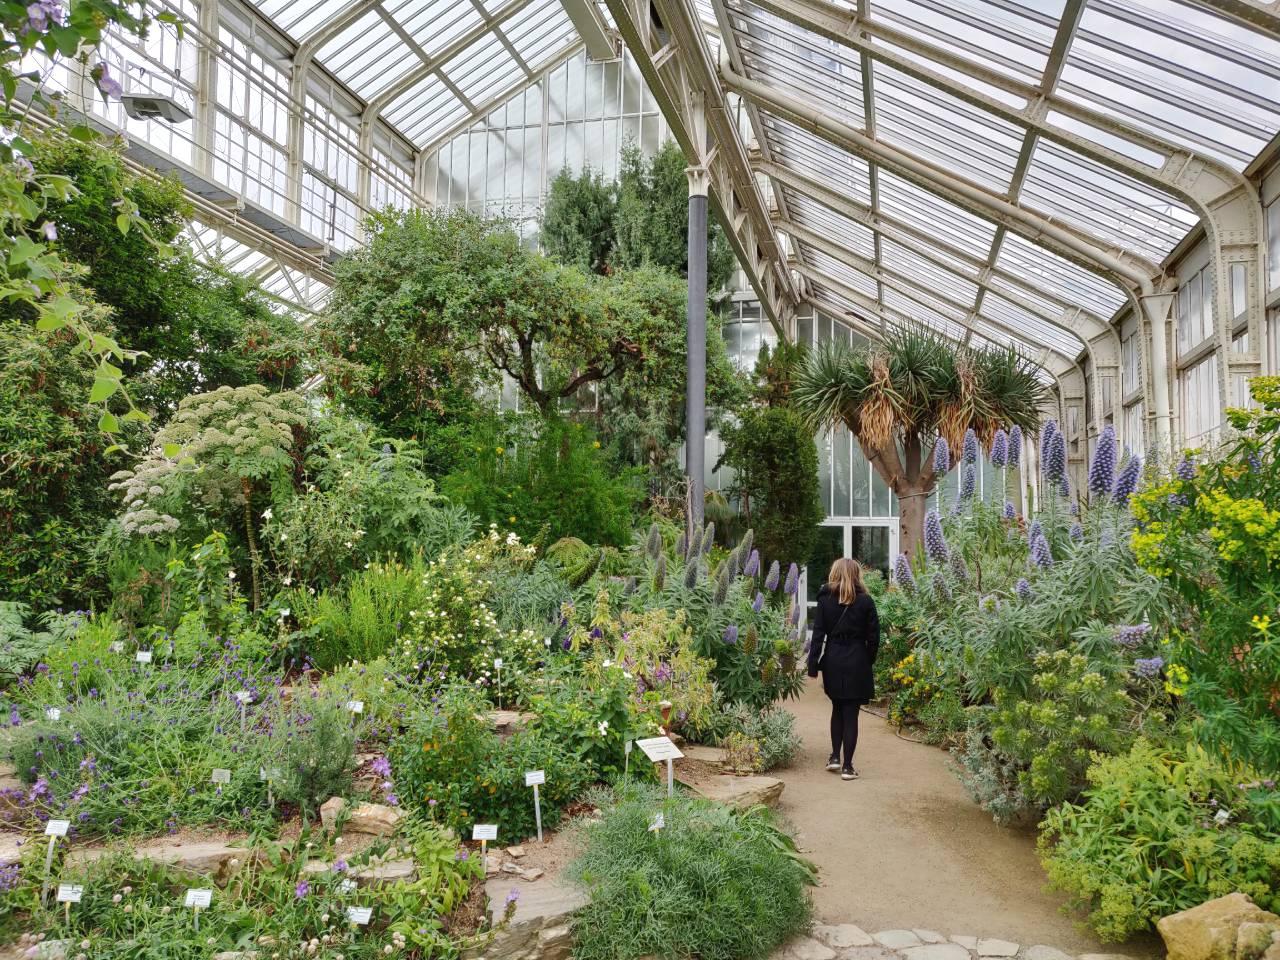 Botanische tuin Berlijn